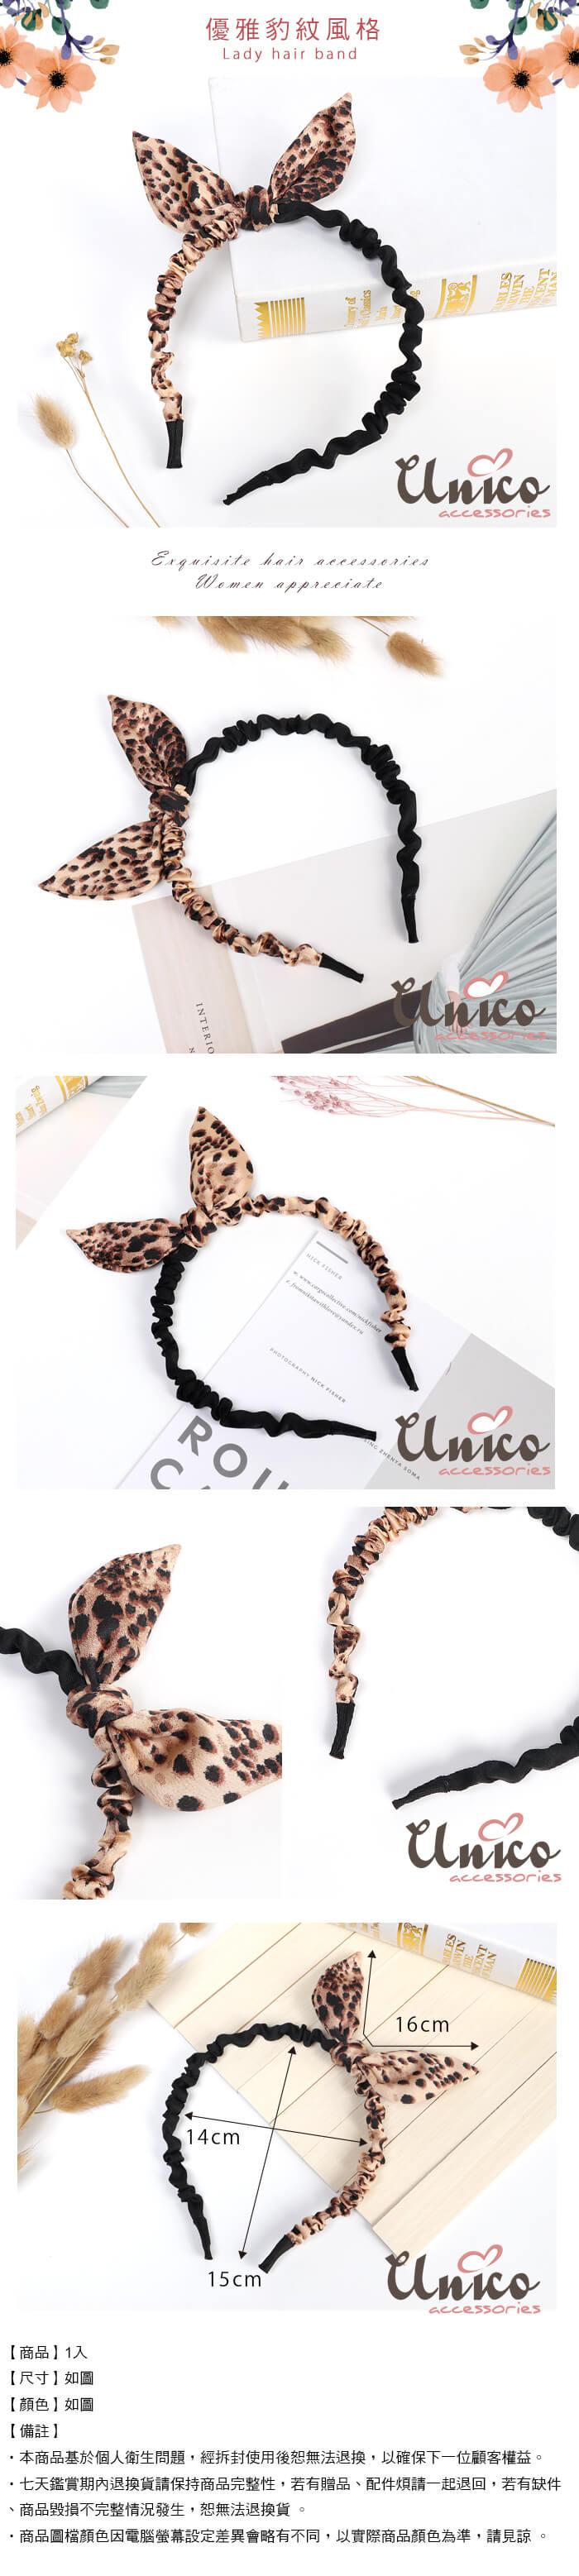 UNICO 秋冬話題款 可調式撞色豹紋兔耳朵髮箍/髮飾